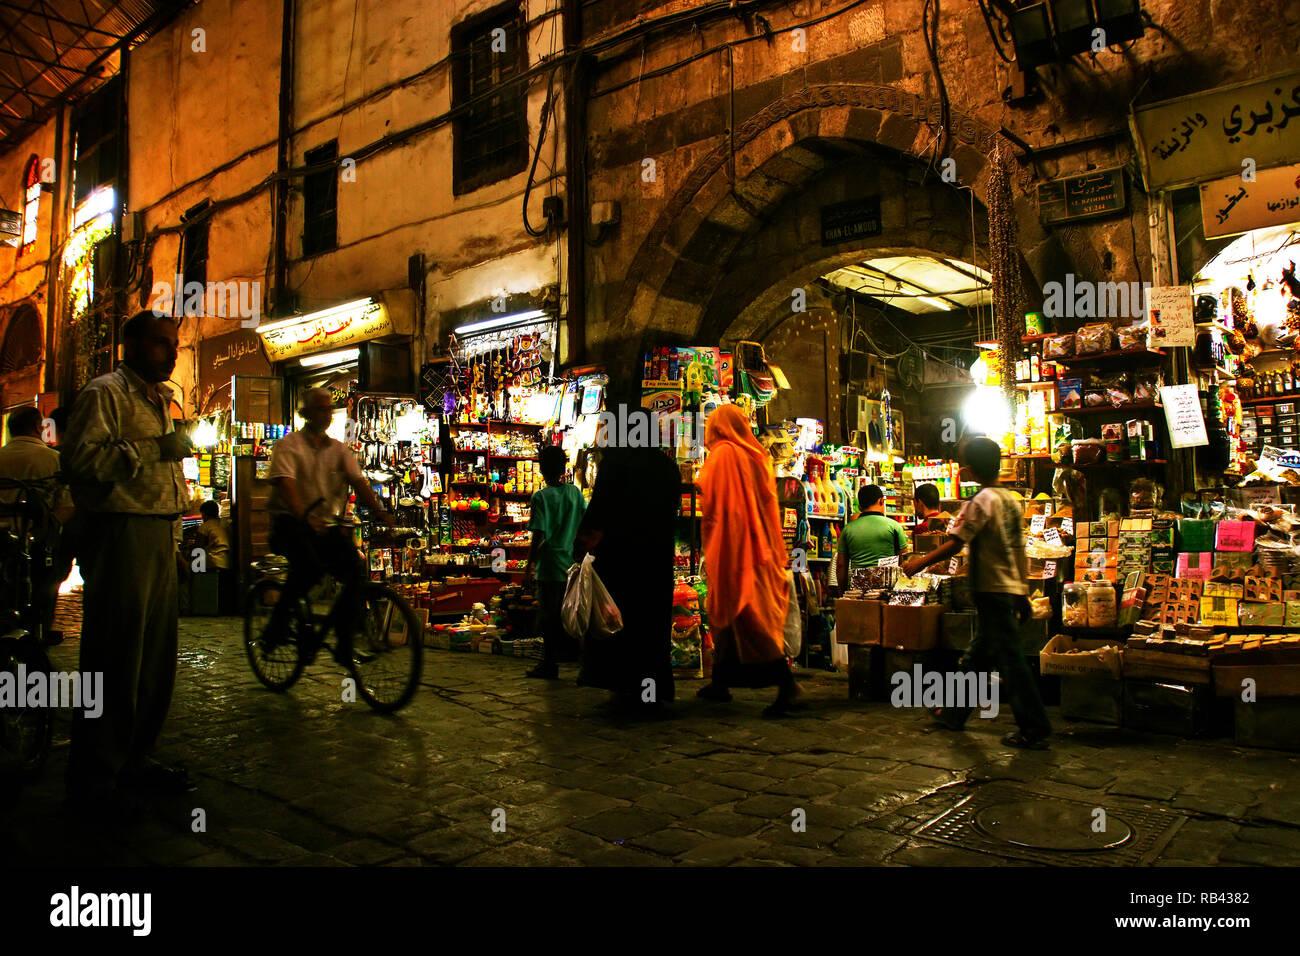 Al-Bzouria Souk, marché de Damas. La Syrie, au Moyen-Orient Banque D'Images